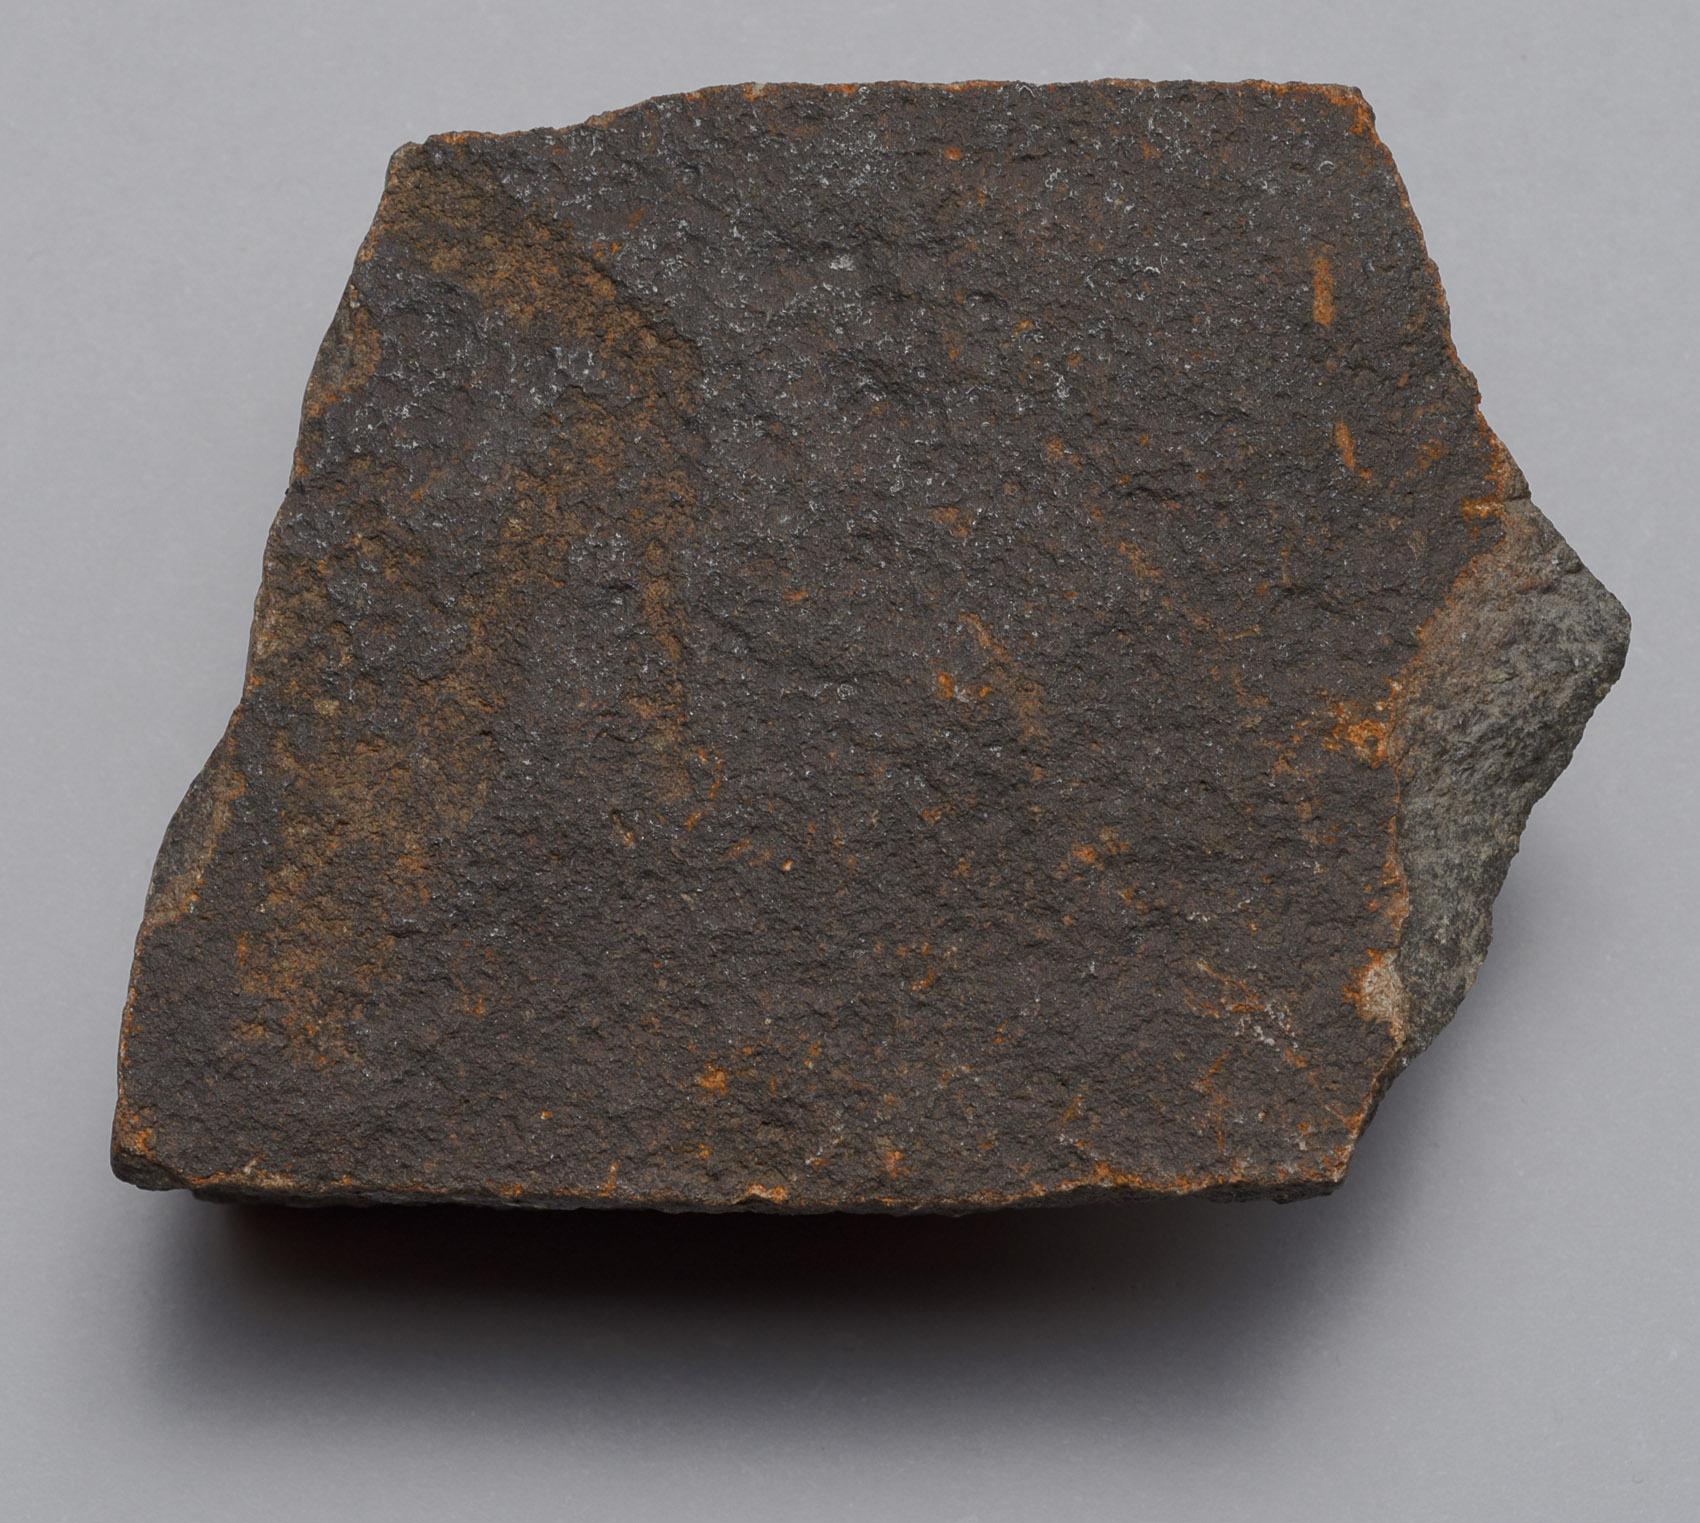 Felsgravierung: Rehantilope, Fragment